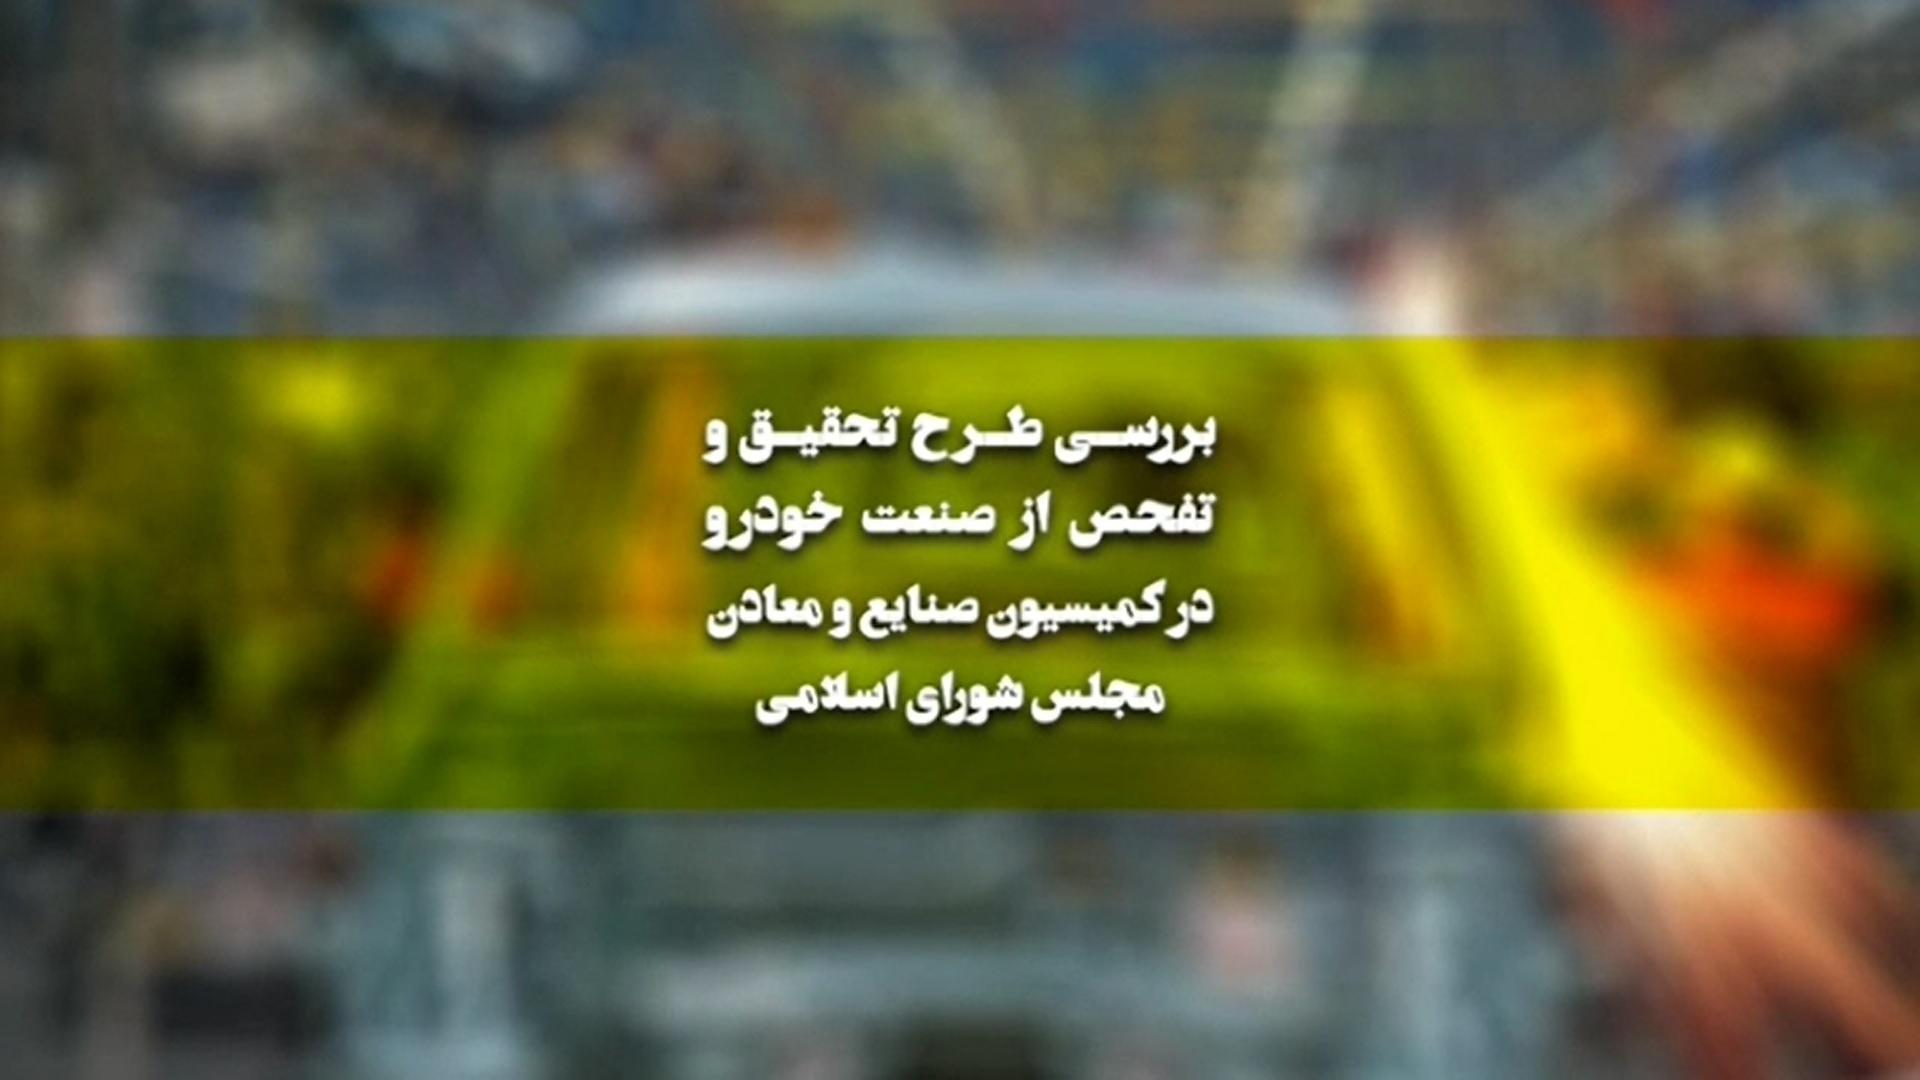 نشست کمیسیون صنایع و معادن / 1 مهر 99